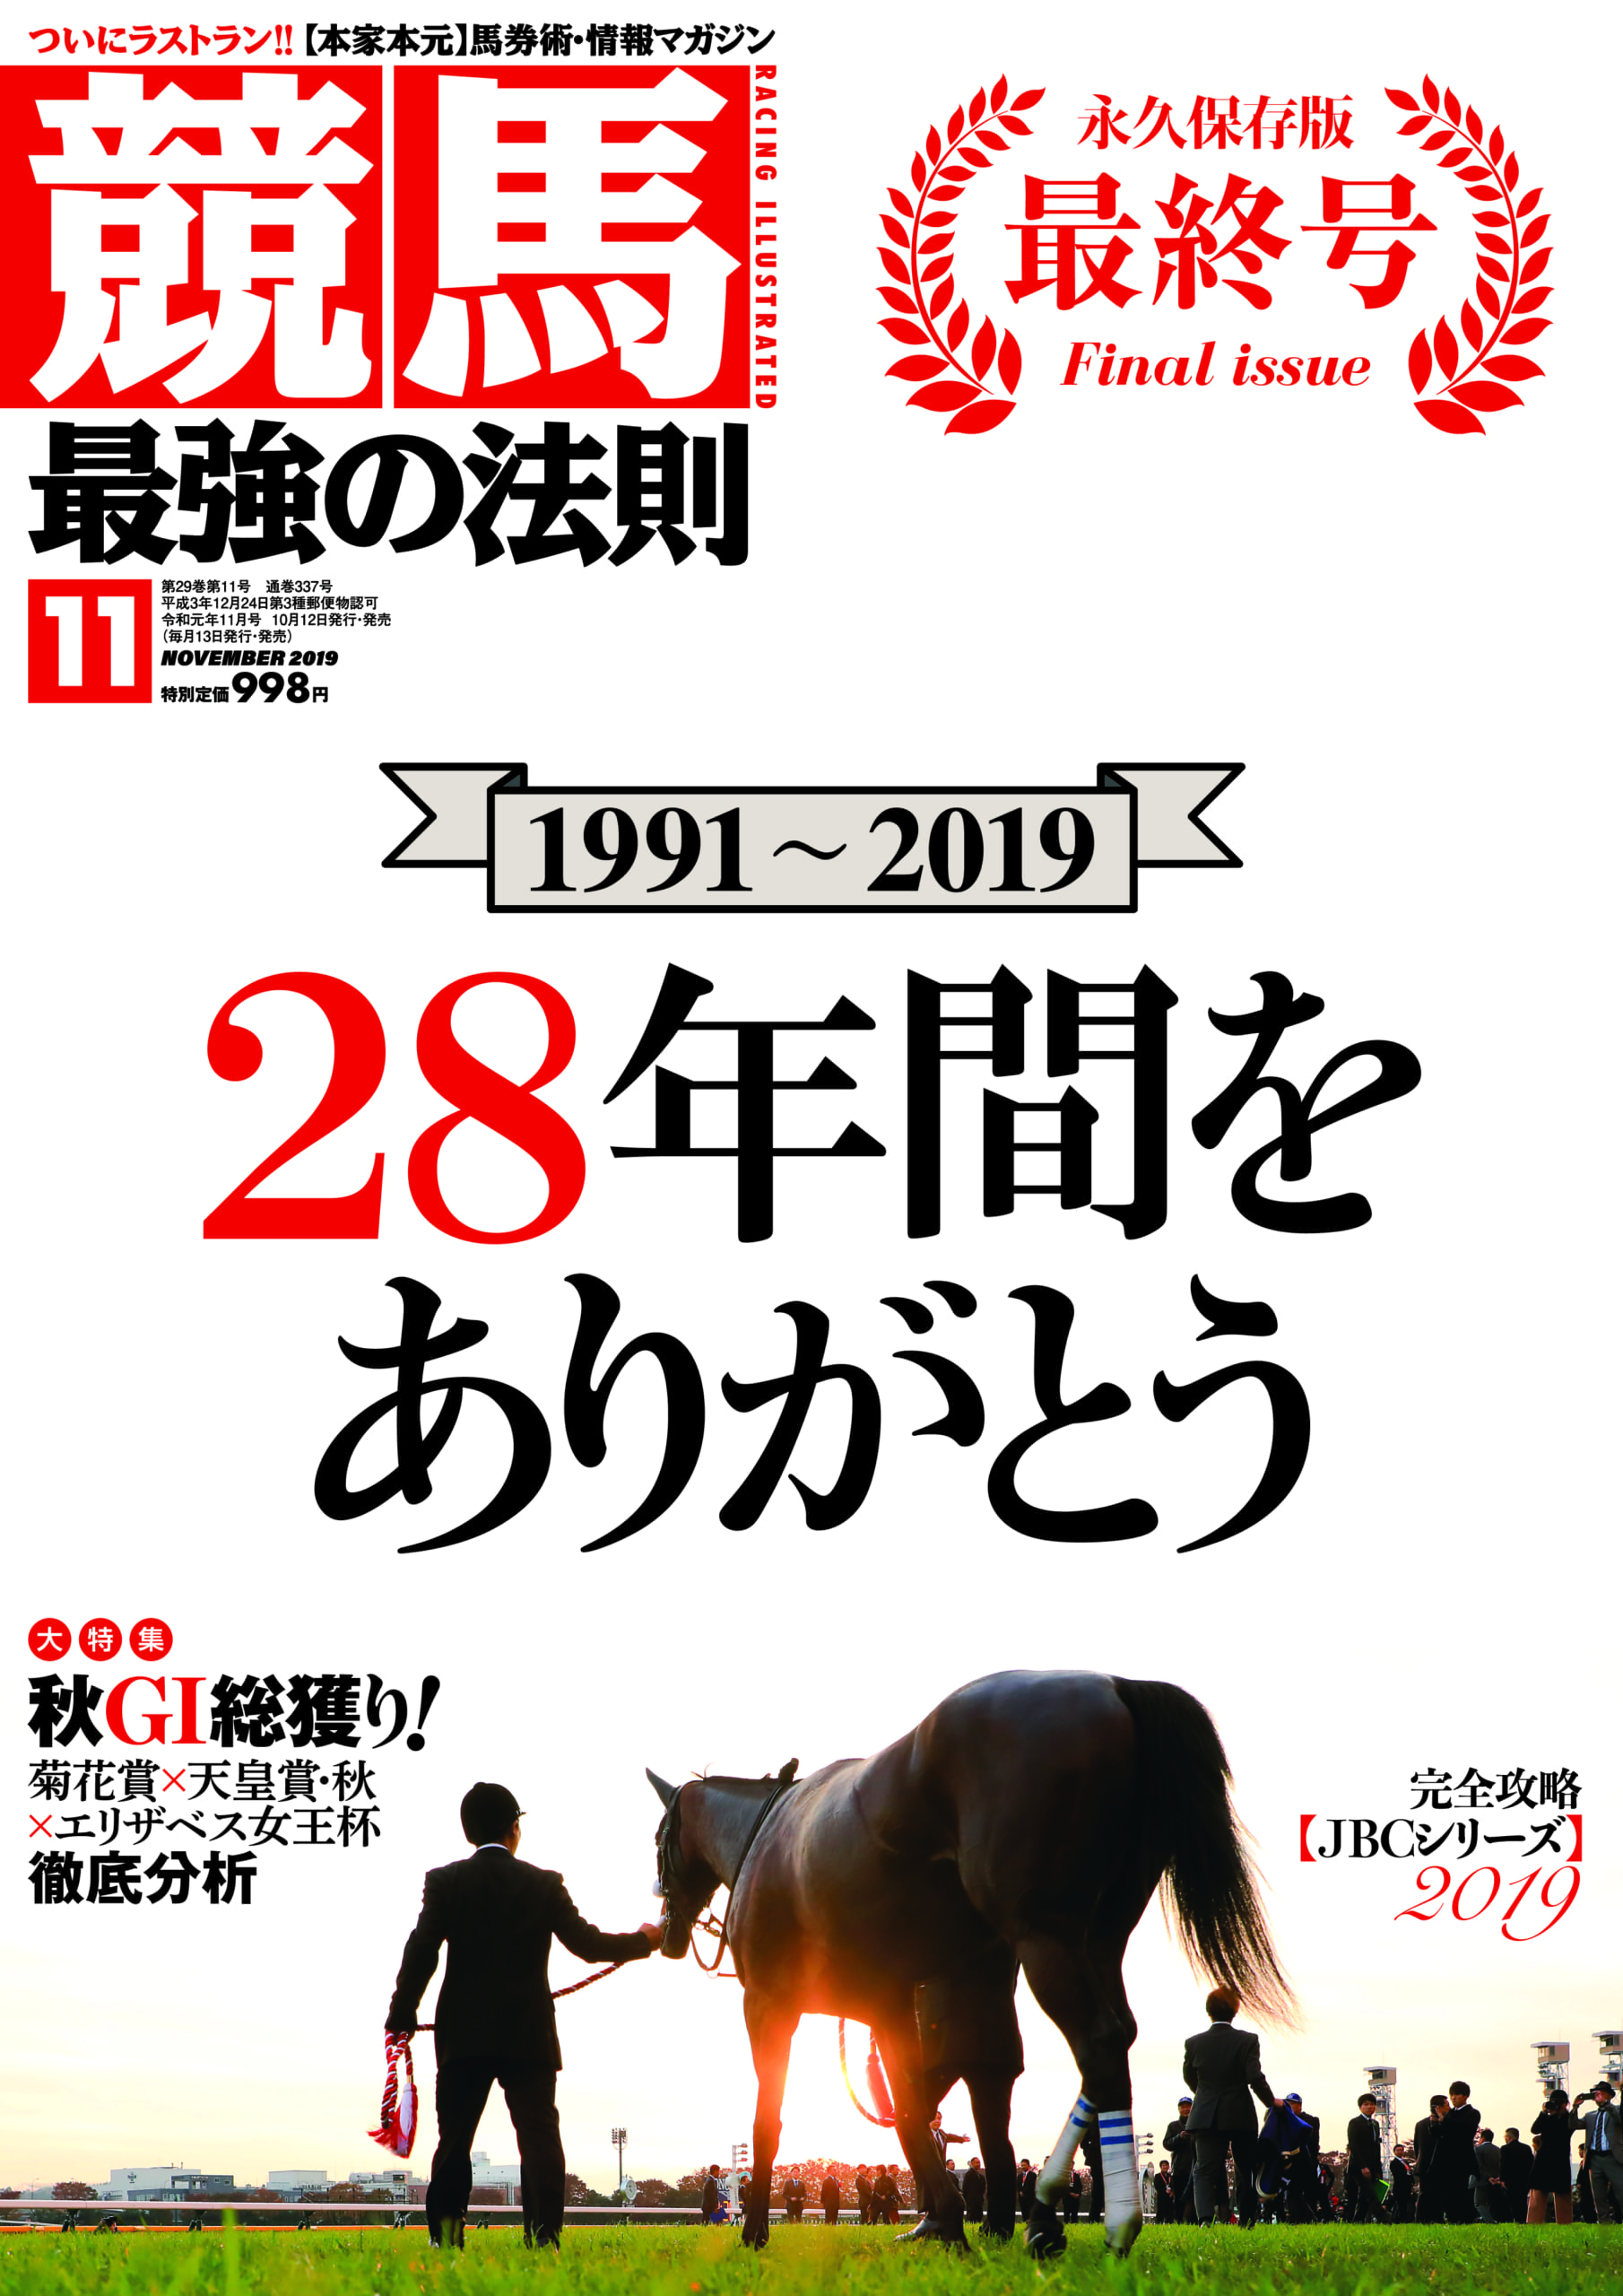 永久保存版! サヨナラ最終号!!1991-2019  28年間をありがとう